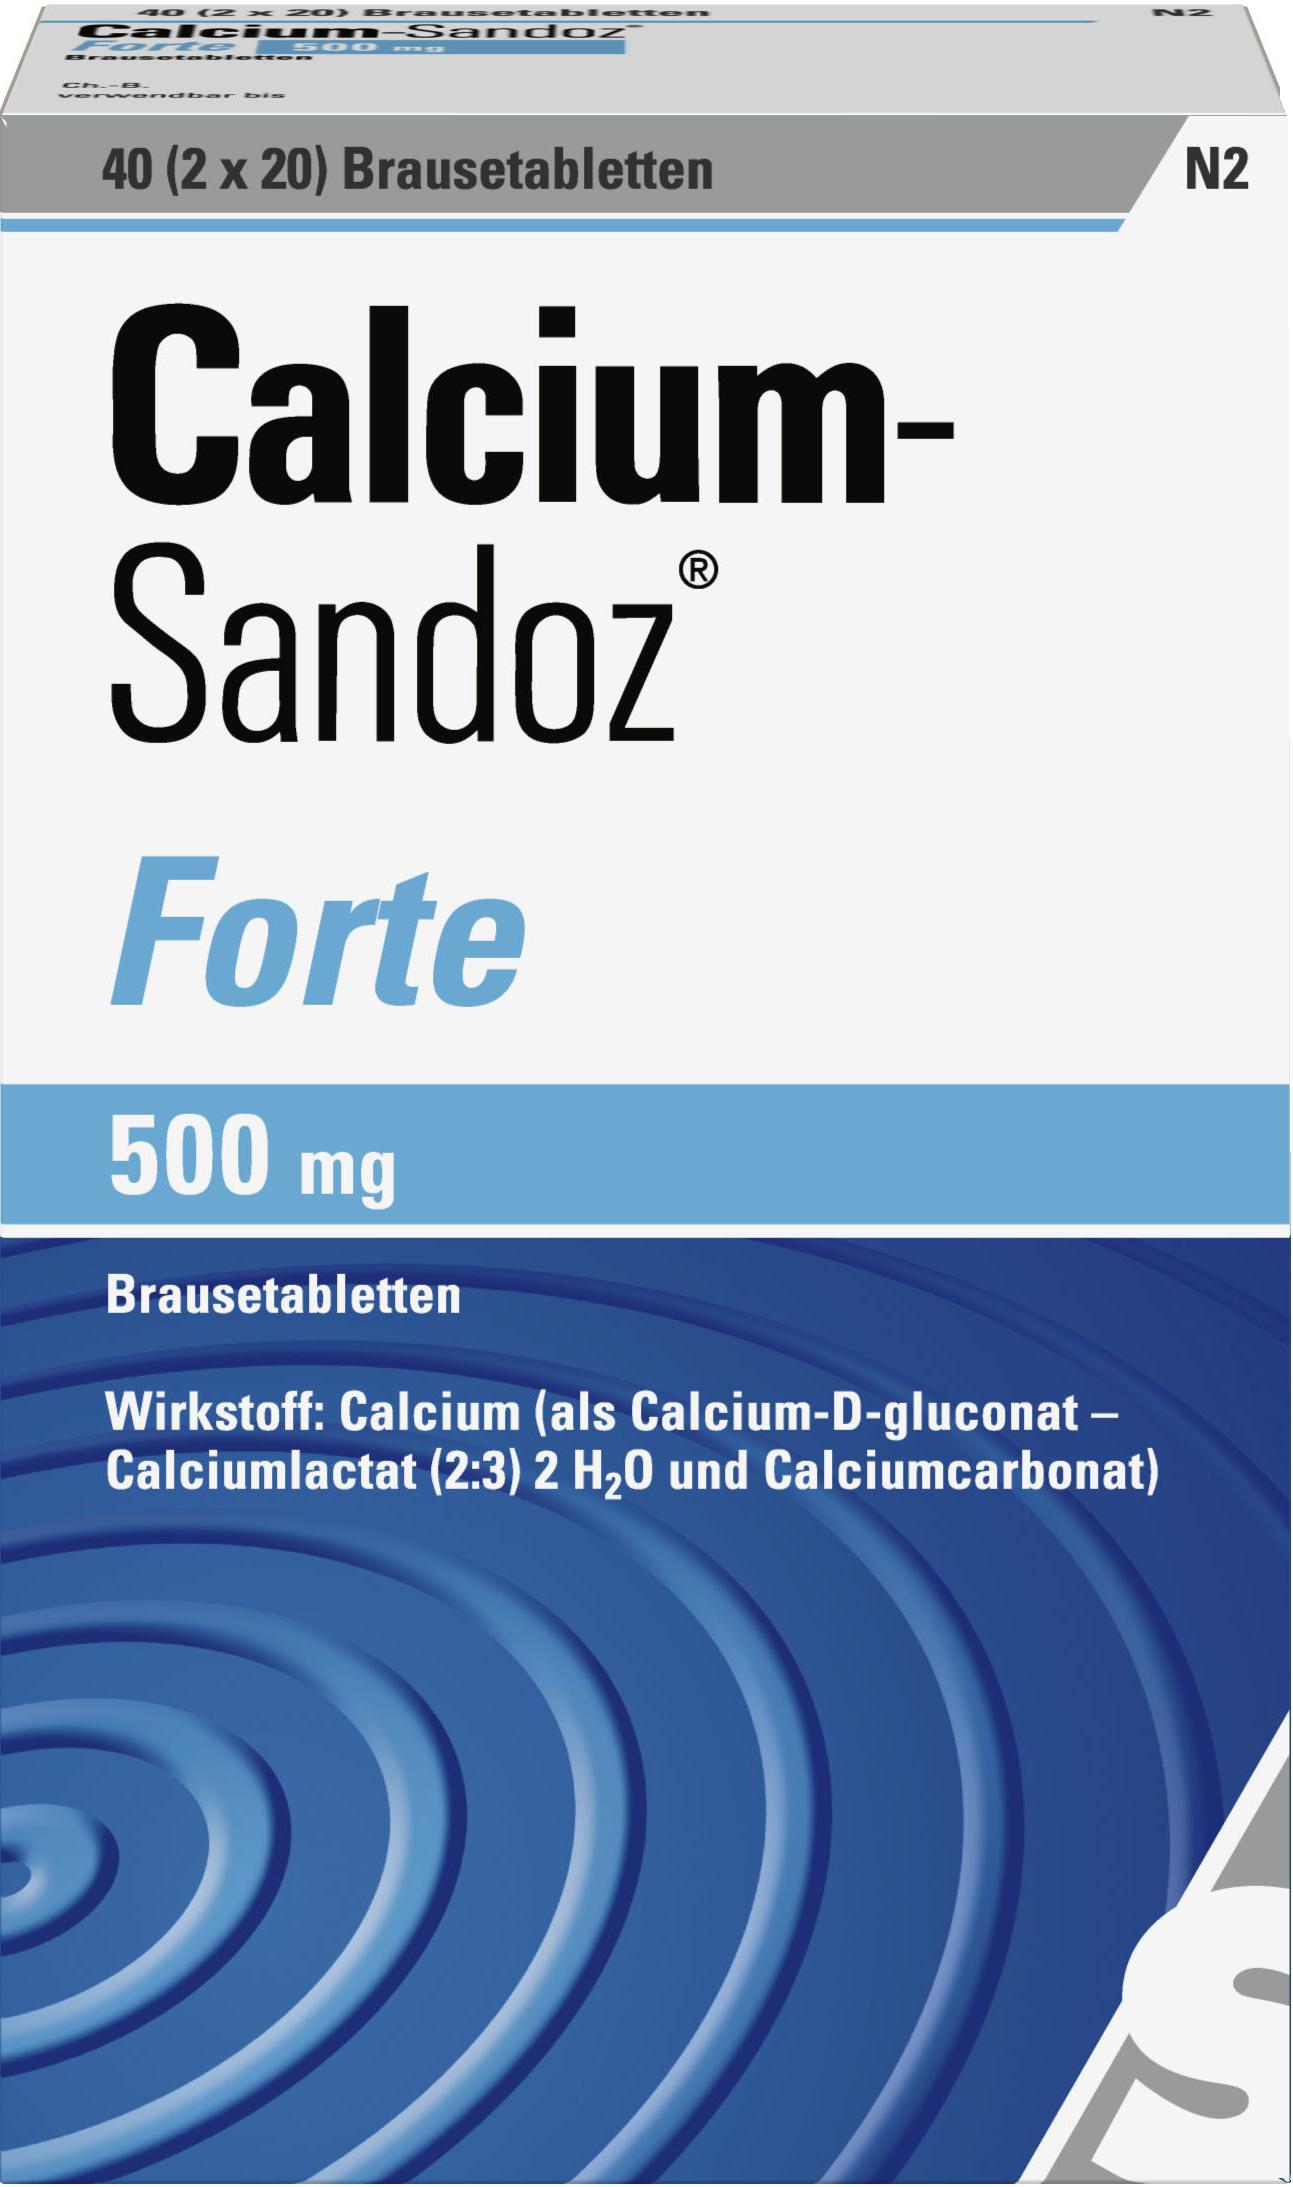 CALCIUM SANDOZ FORTE